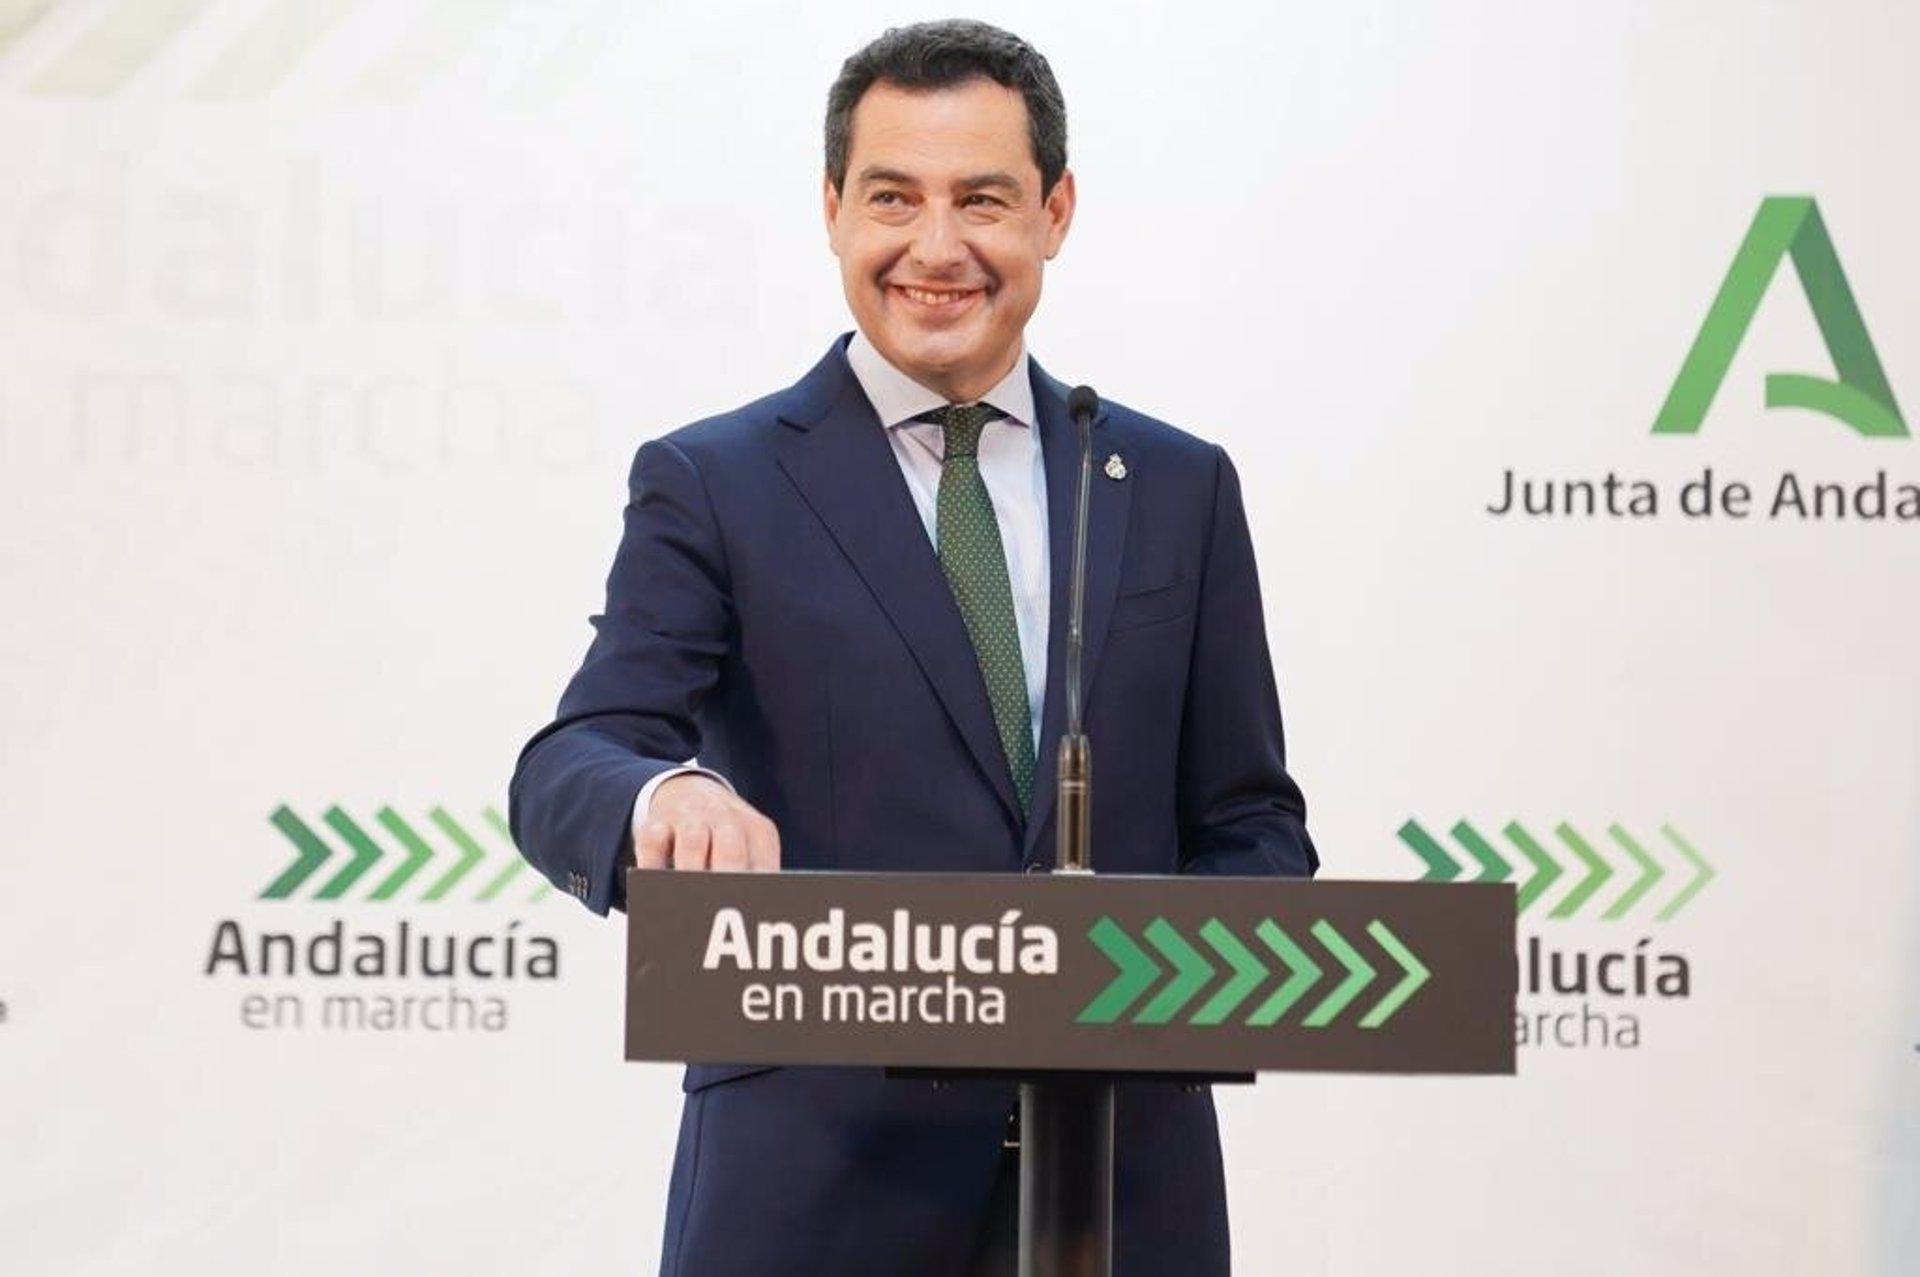 Andalucía empezará a vacunar la próxima semana a menores de 55 años y a mediados de junio a menores de 49 años